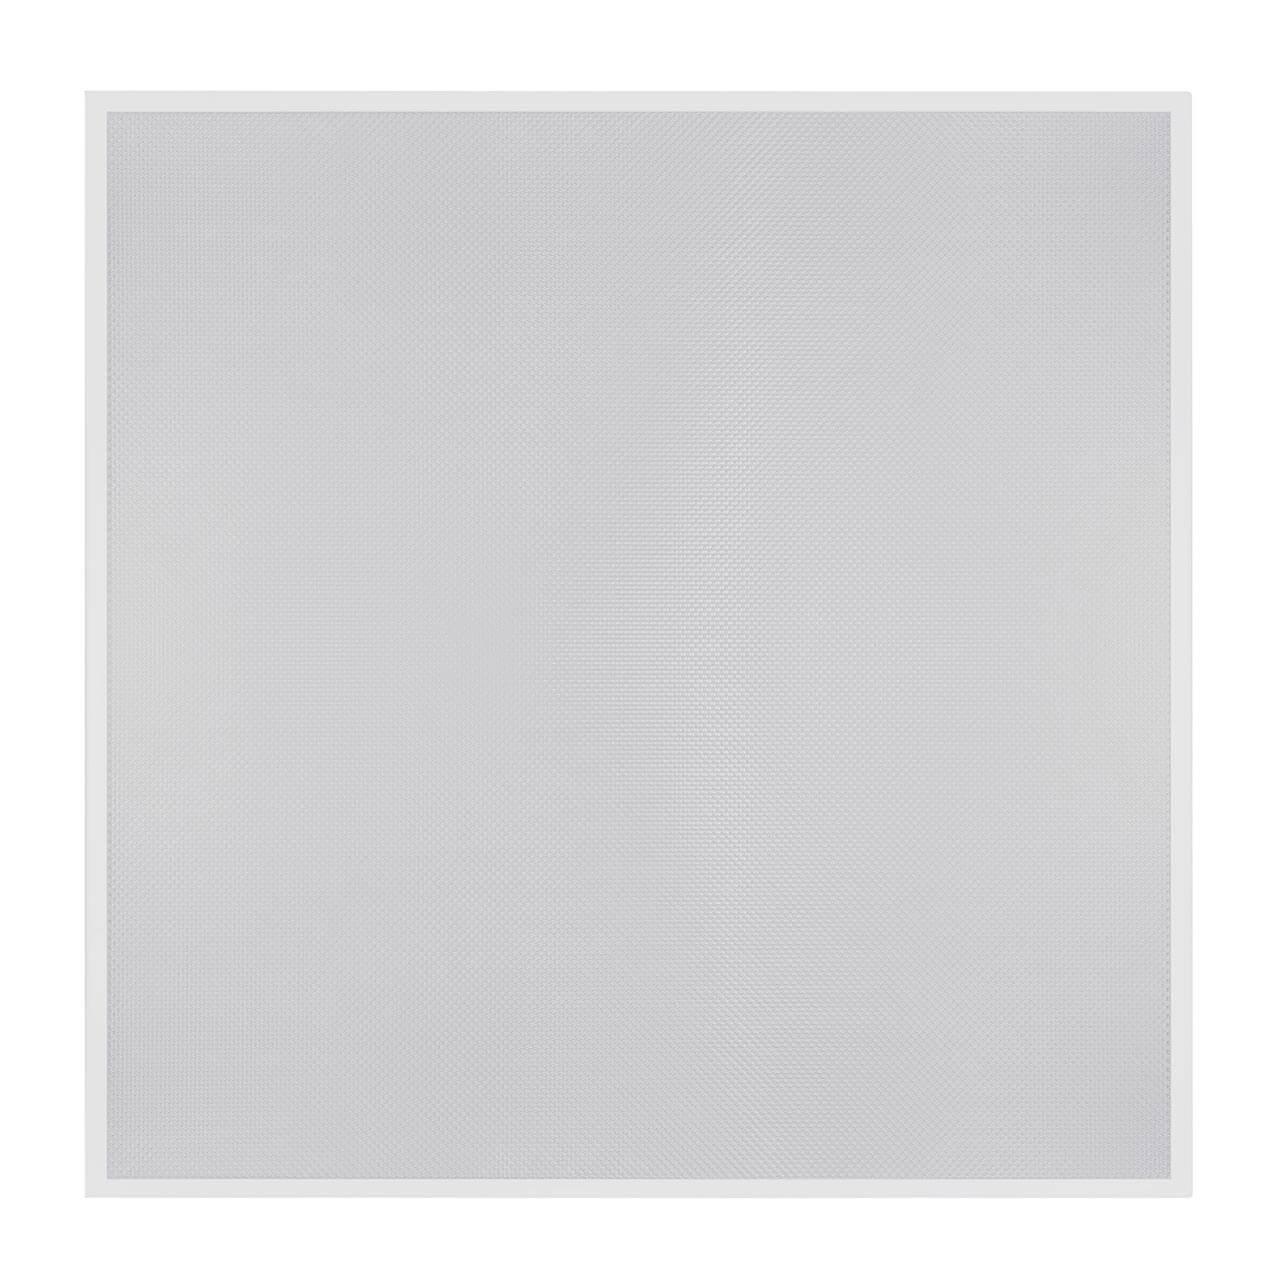 Светильник Uniel ULP-6060 36W/3950К IP40 School White (3 в 1 (подвесной и потолочный, встраиваемый))